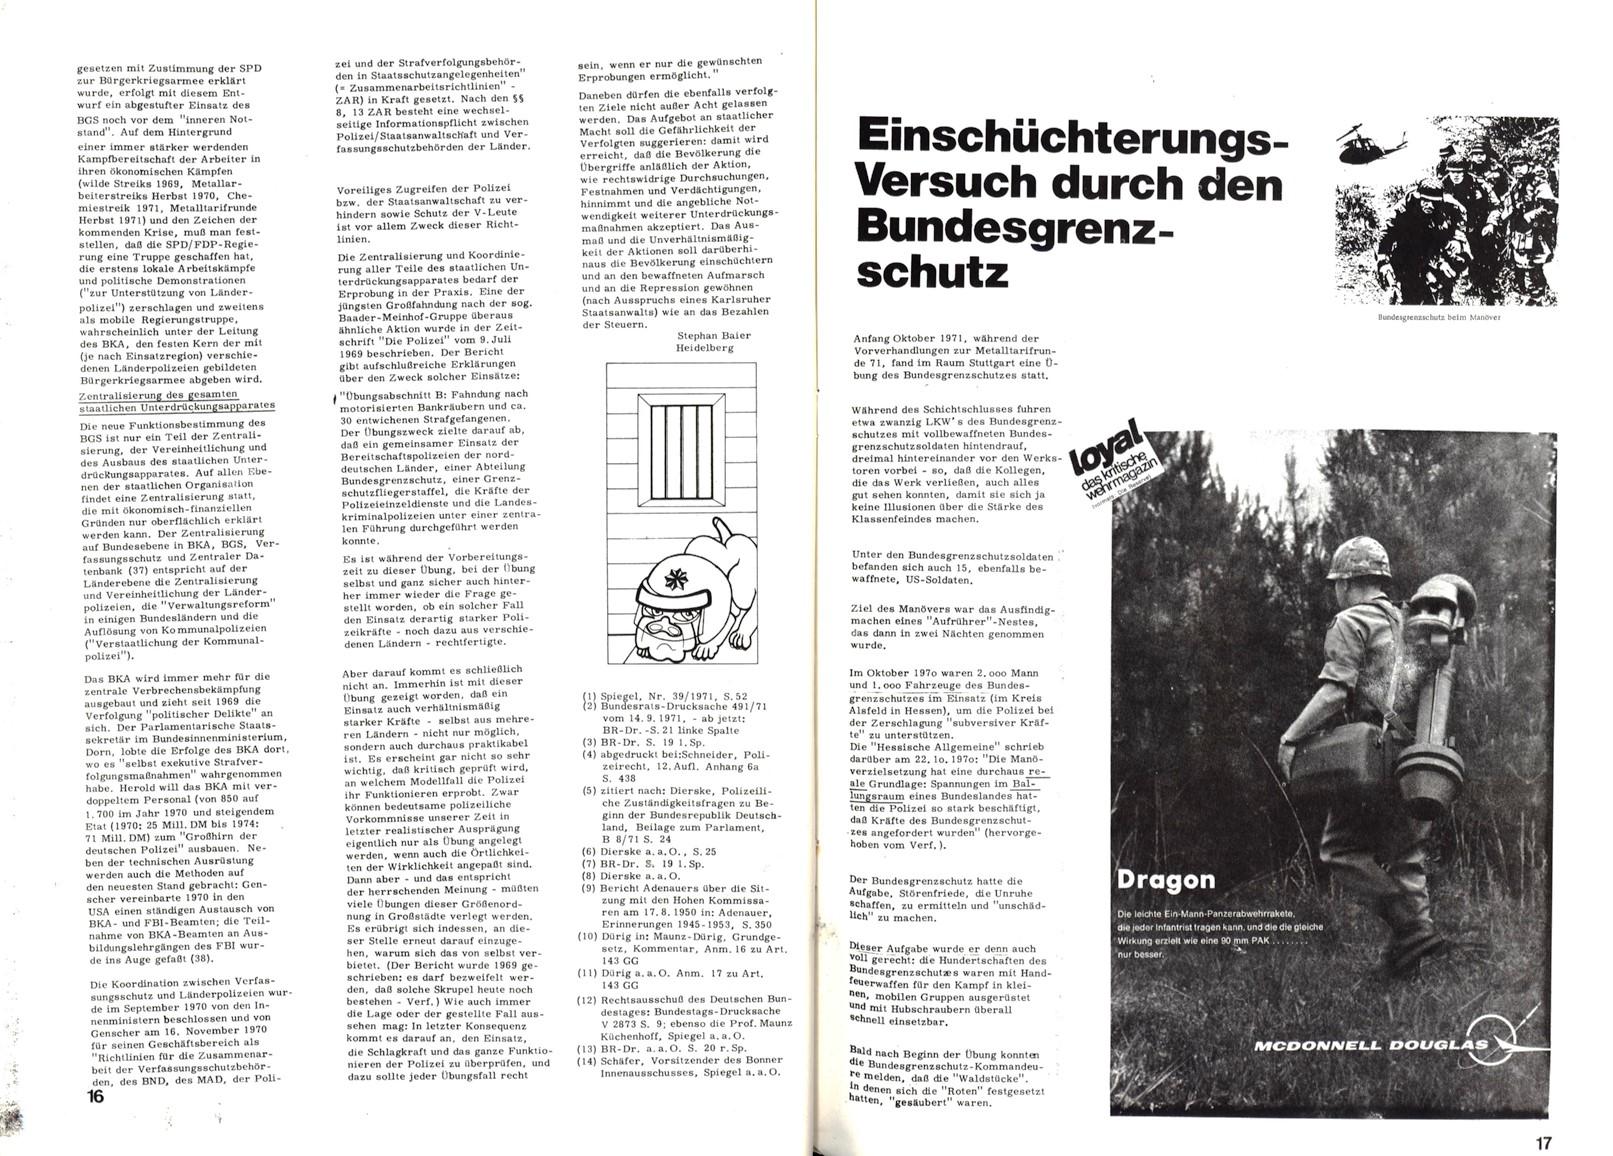 Mainz_VDS_AStA_1972_Staatsfeind_10